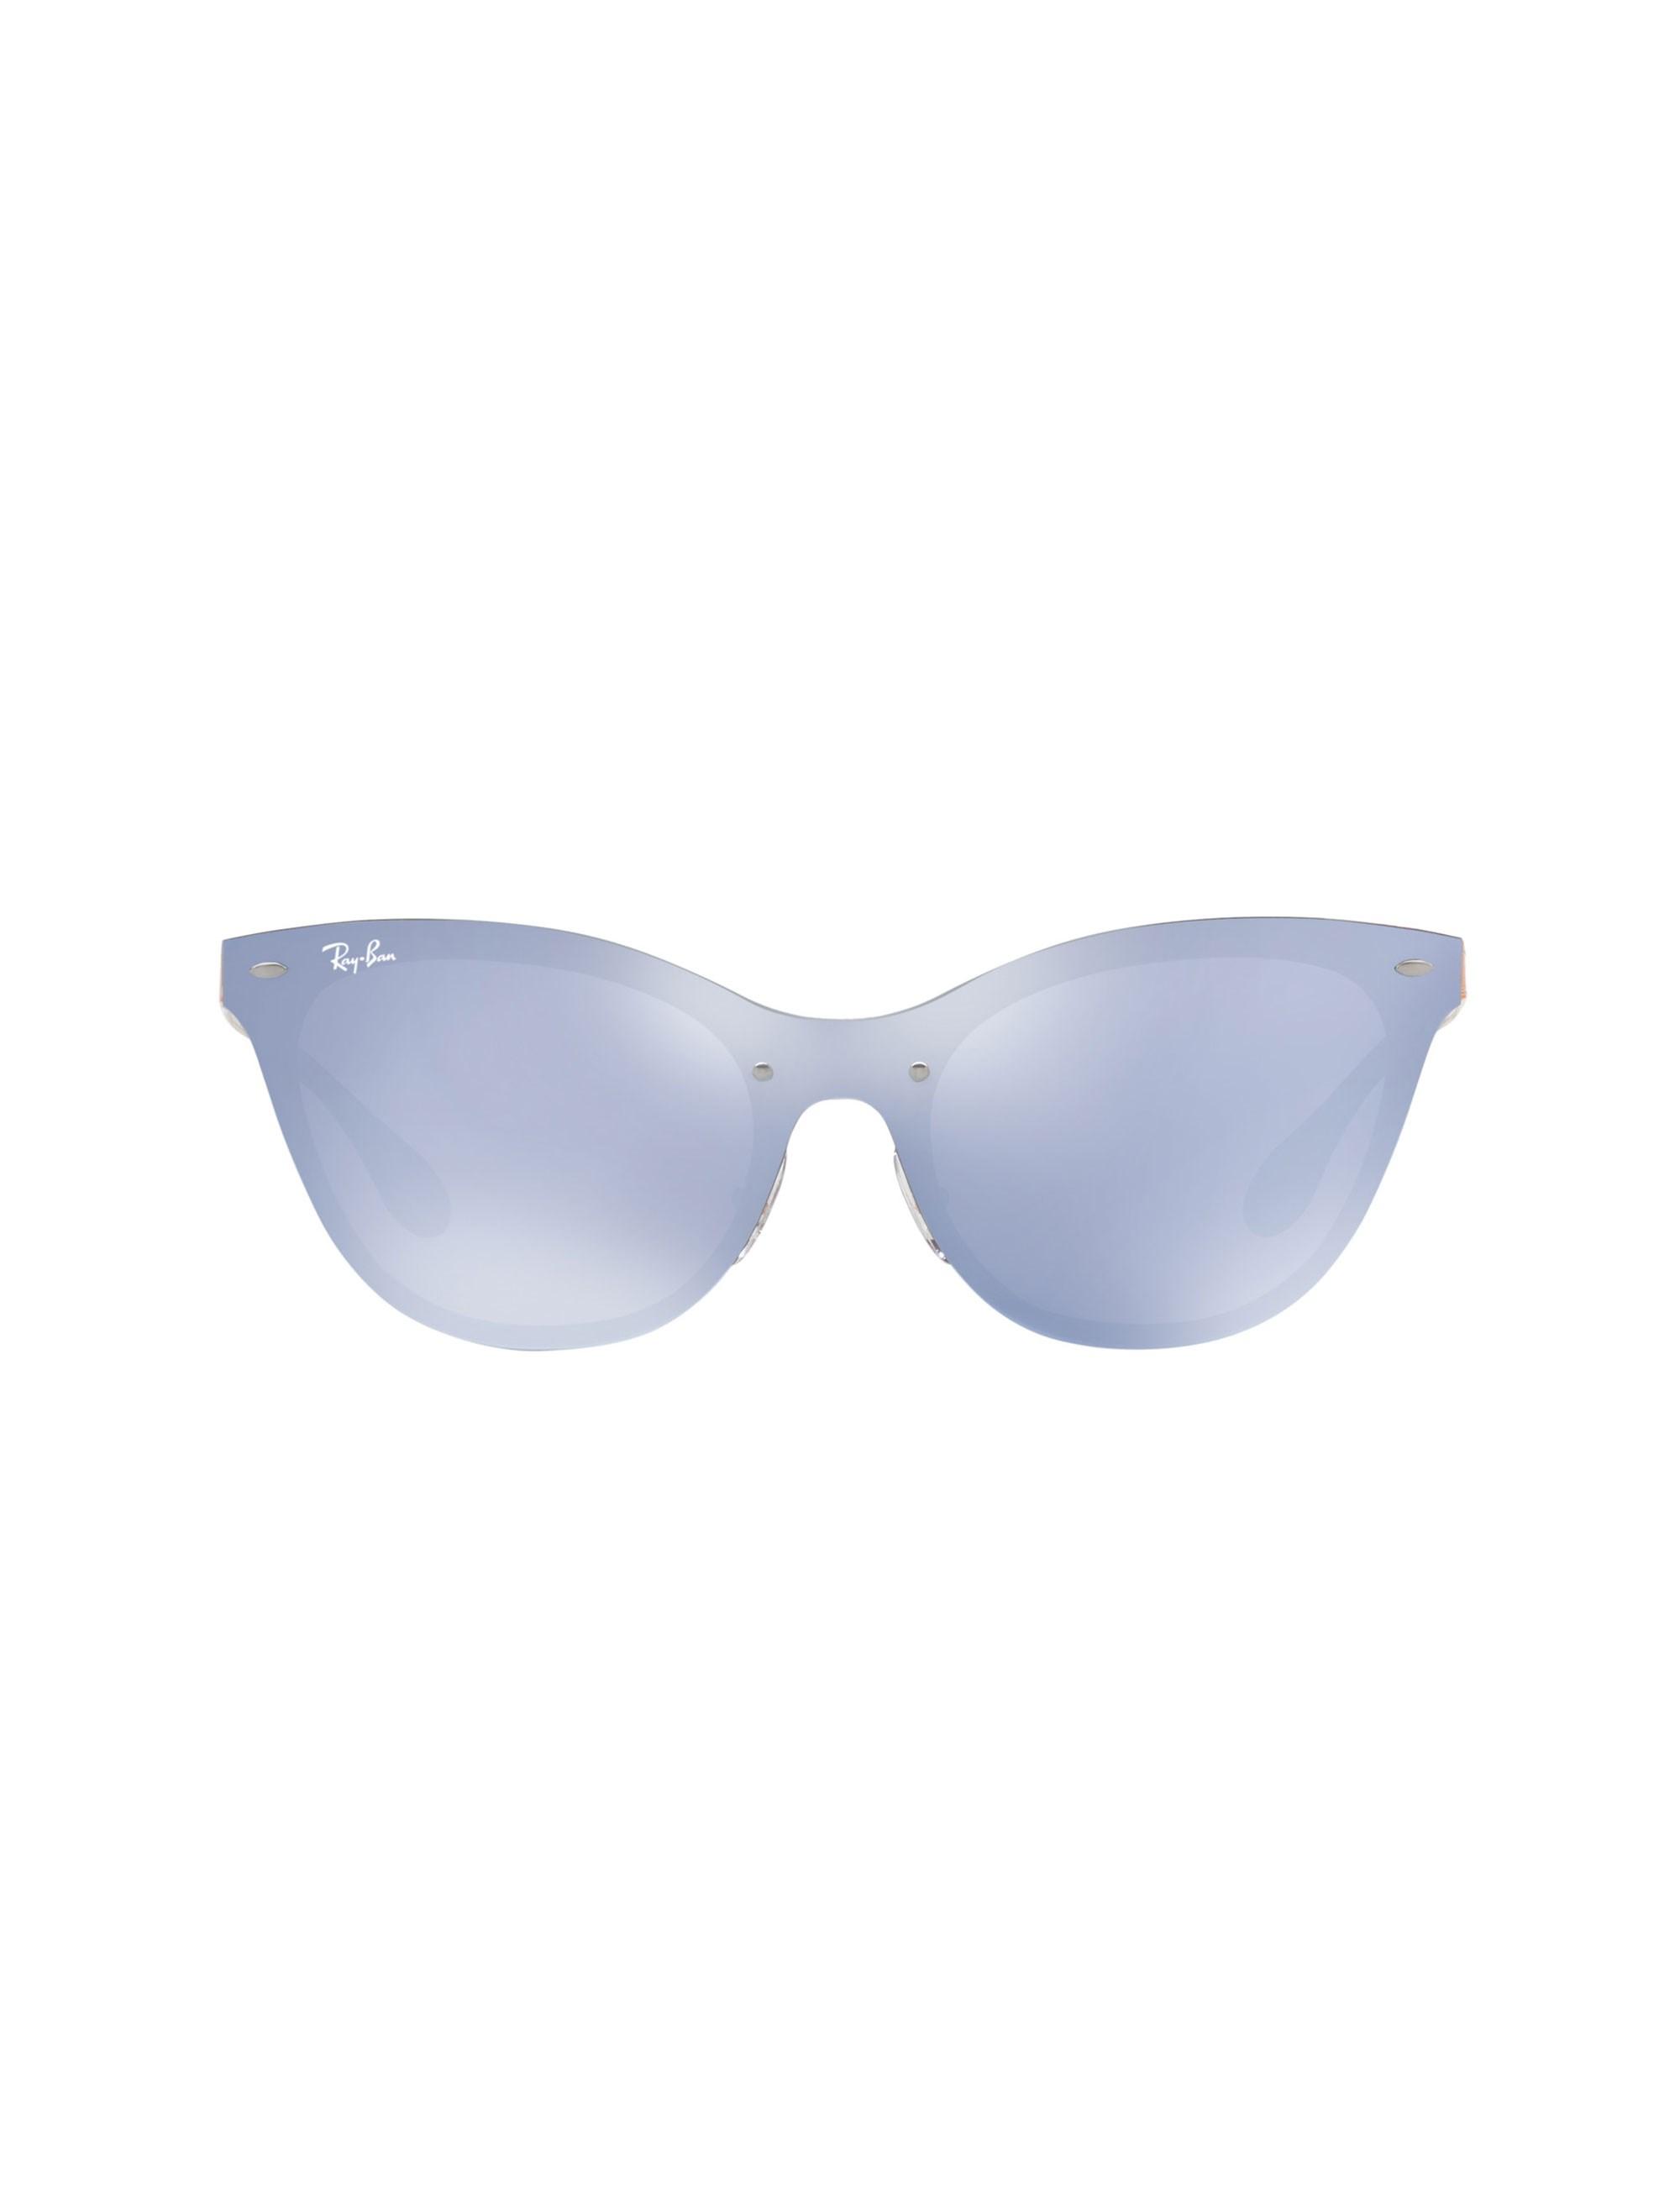 قیمت عینک آفتابی گربه ای زنانه - ری بن